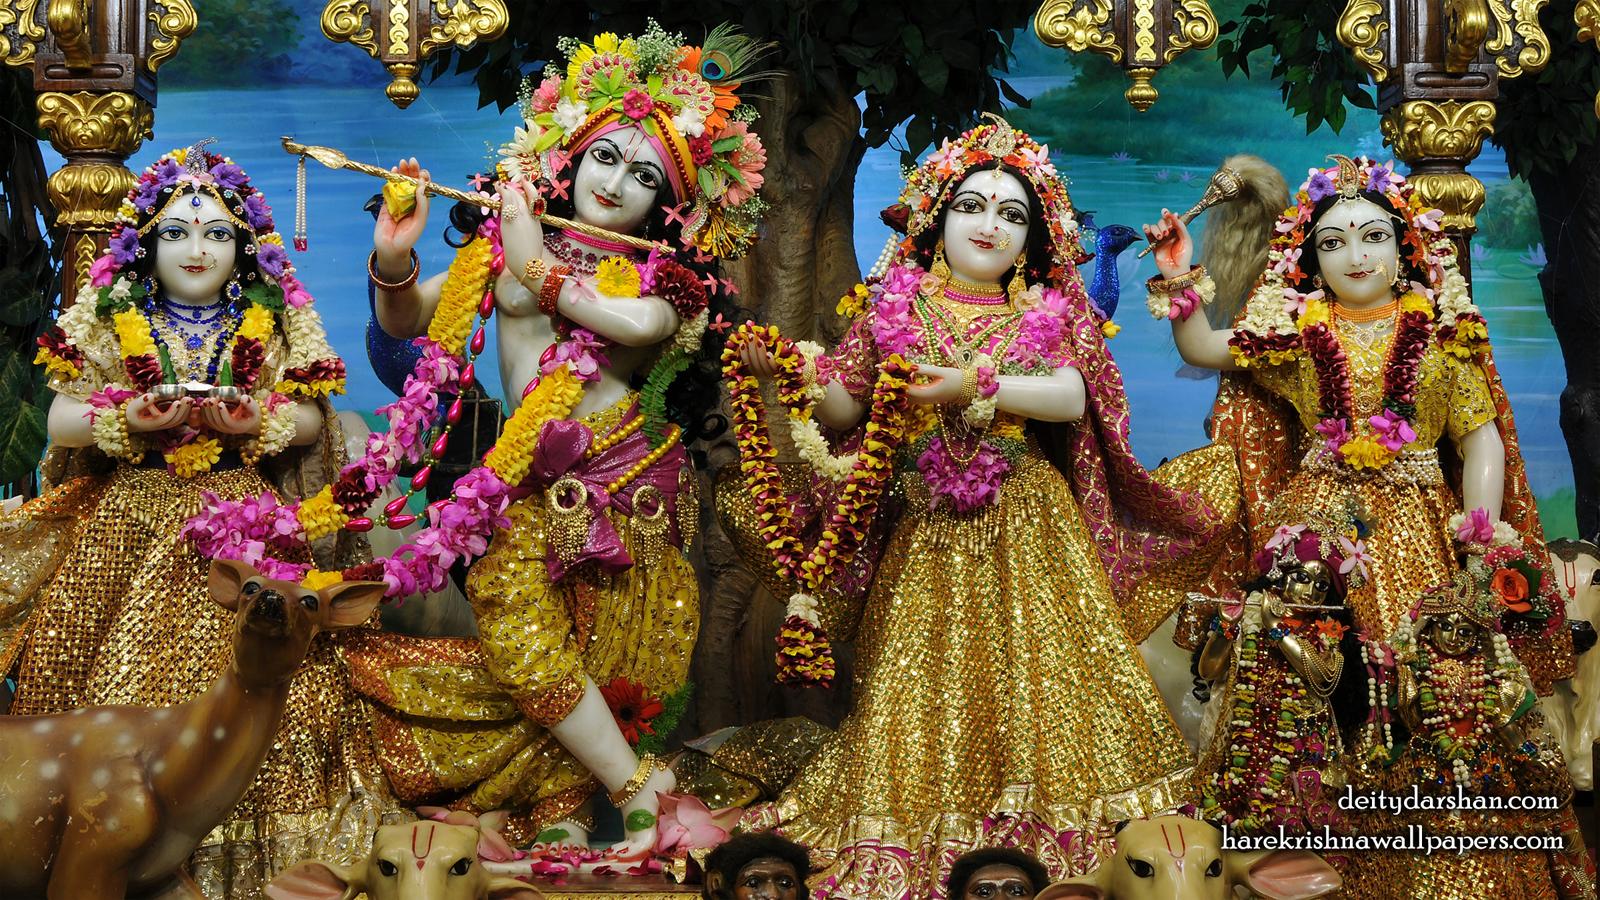 Sri Sri Radha Gopinath Lalita Vishakha Wallpaper (066) Size 1600x900 Download